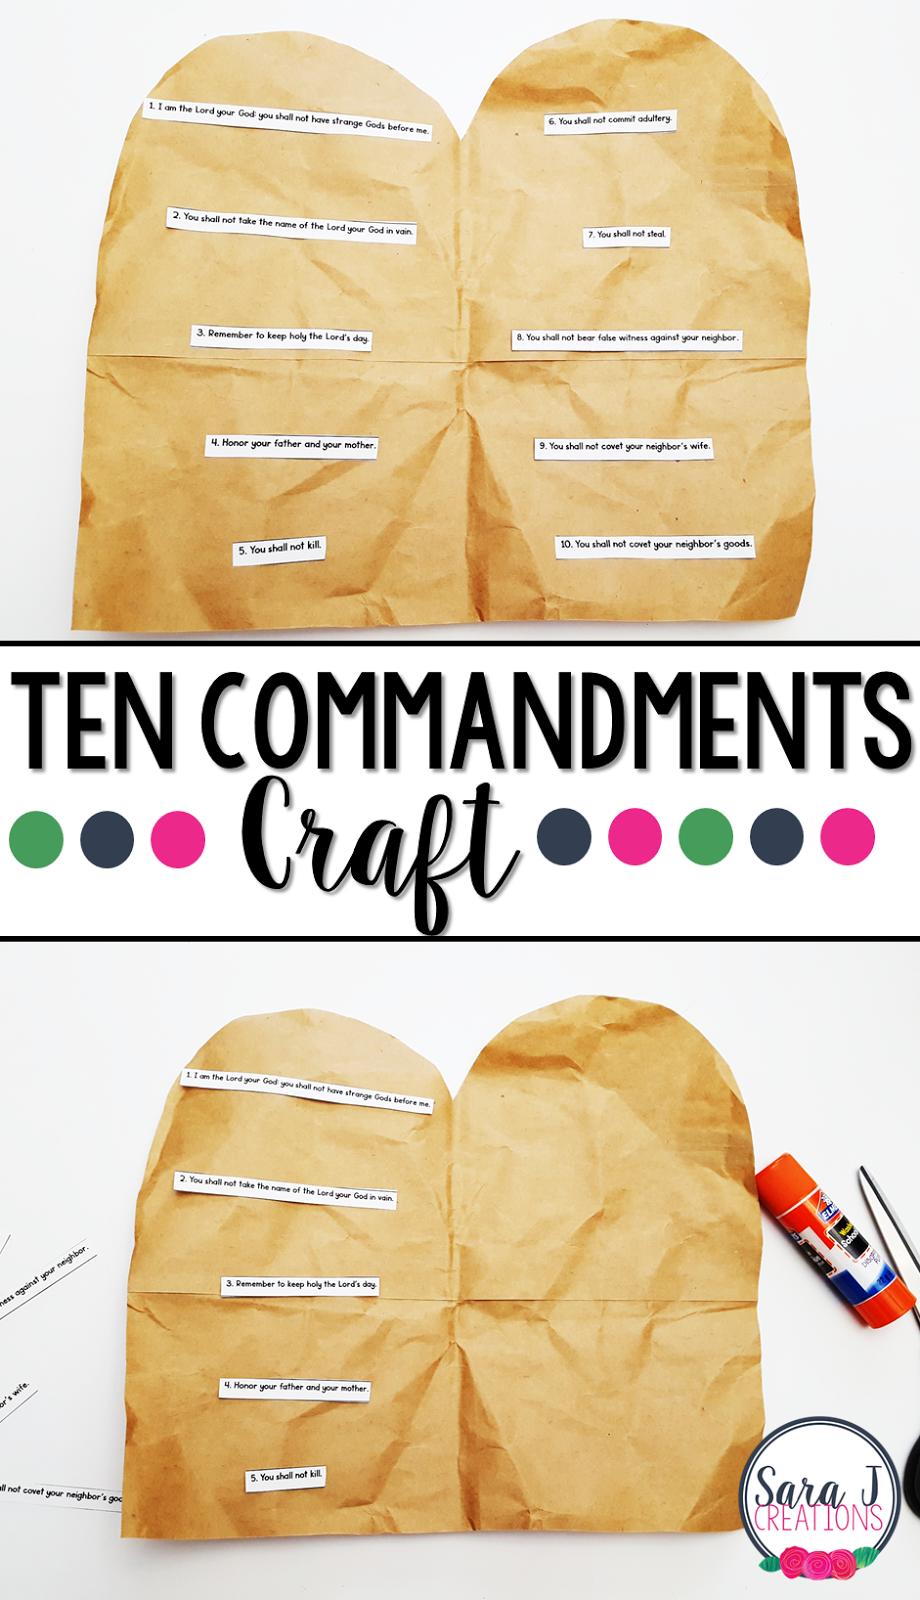 Ten Commandments Crafts For Kids